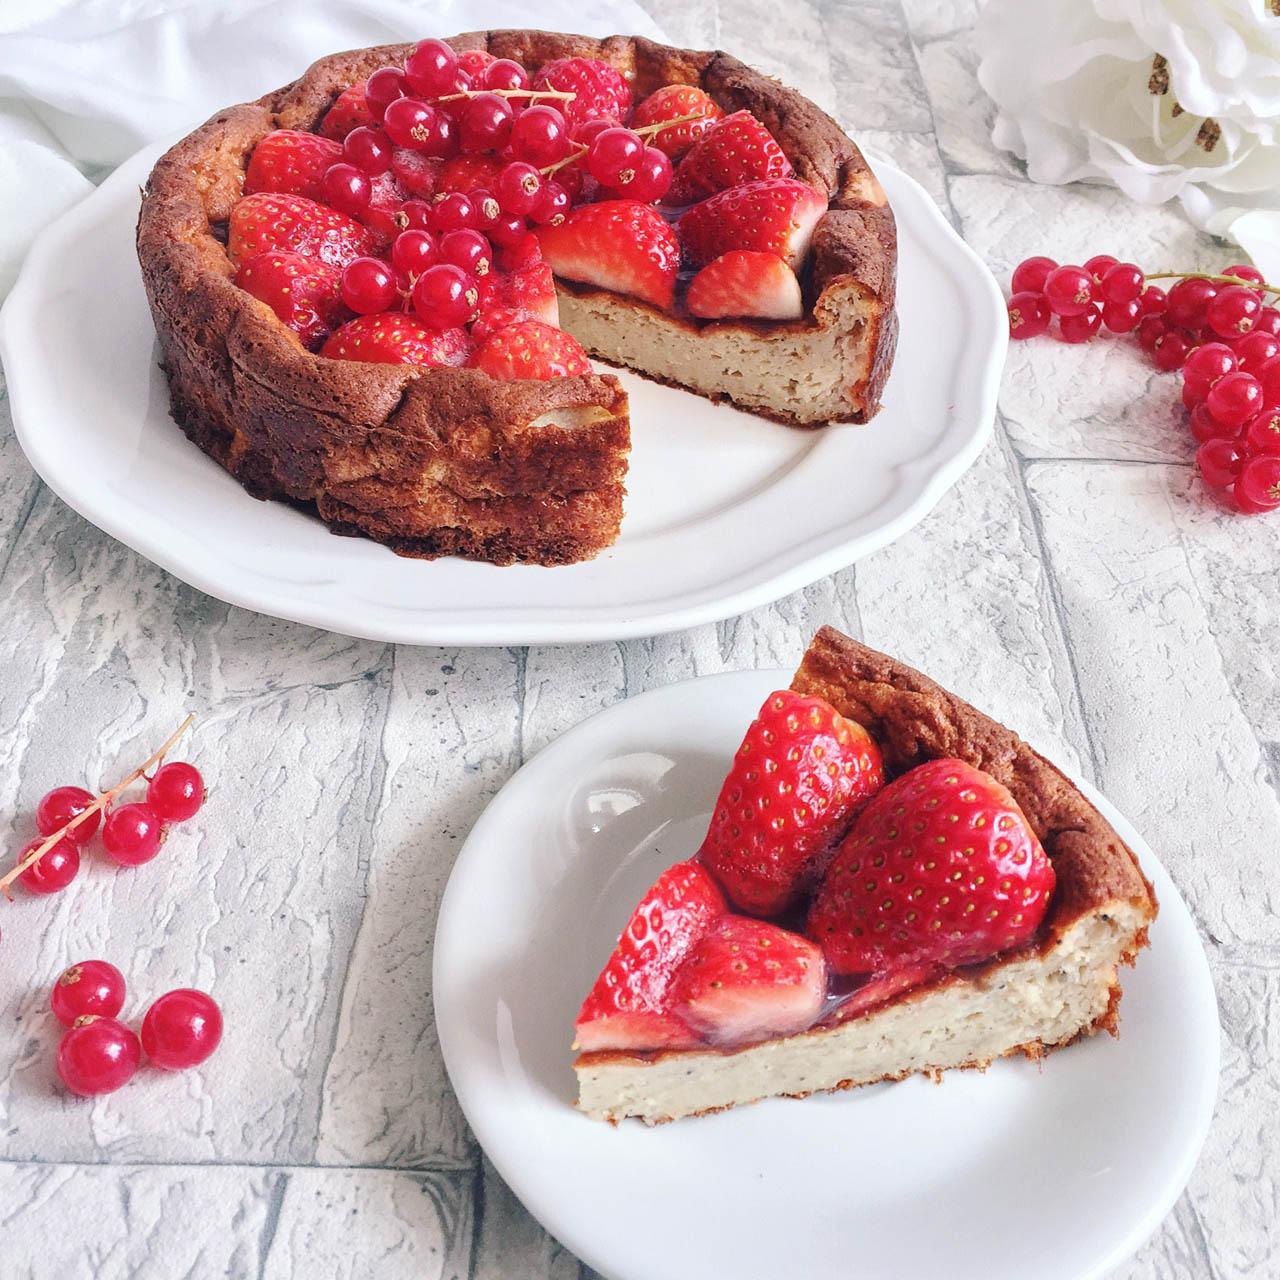 Erdbeer Kokos Torte zubereiten